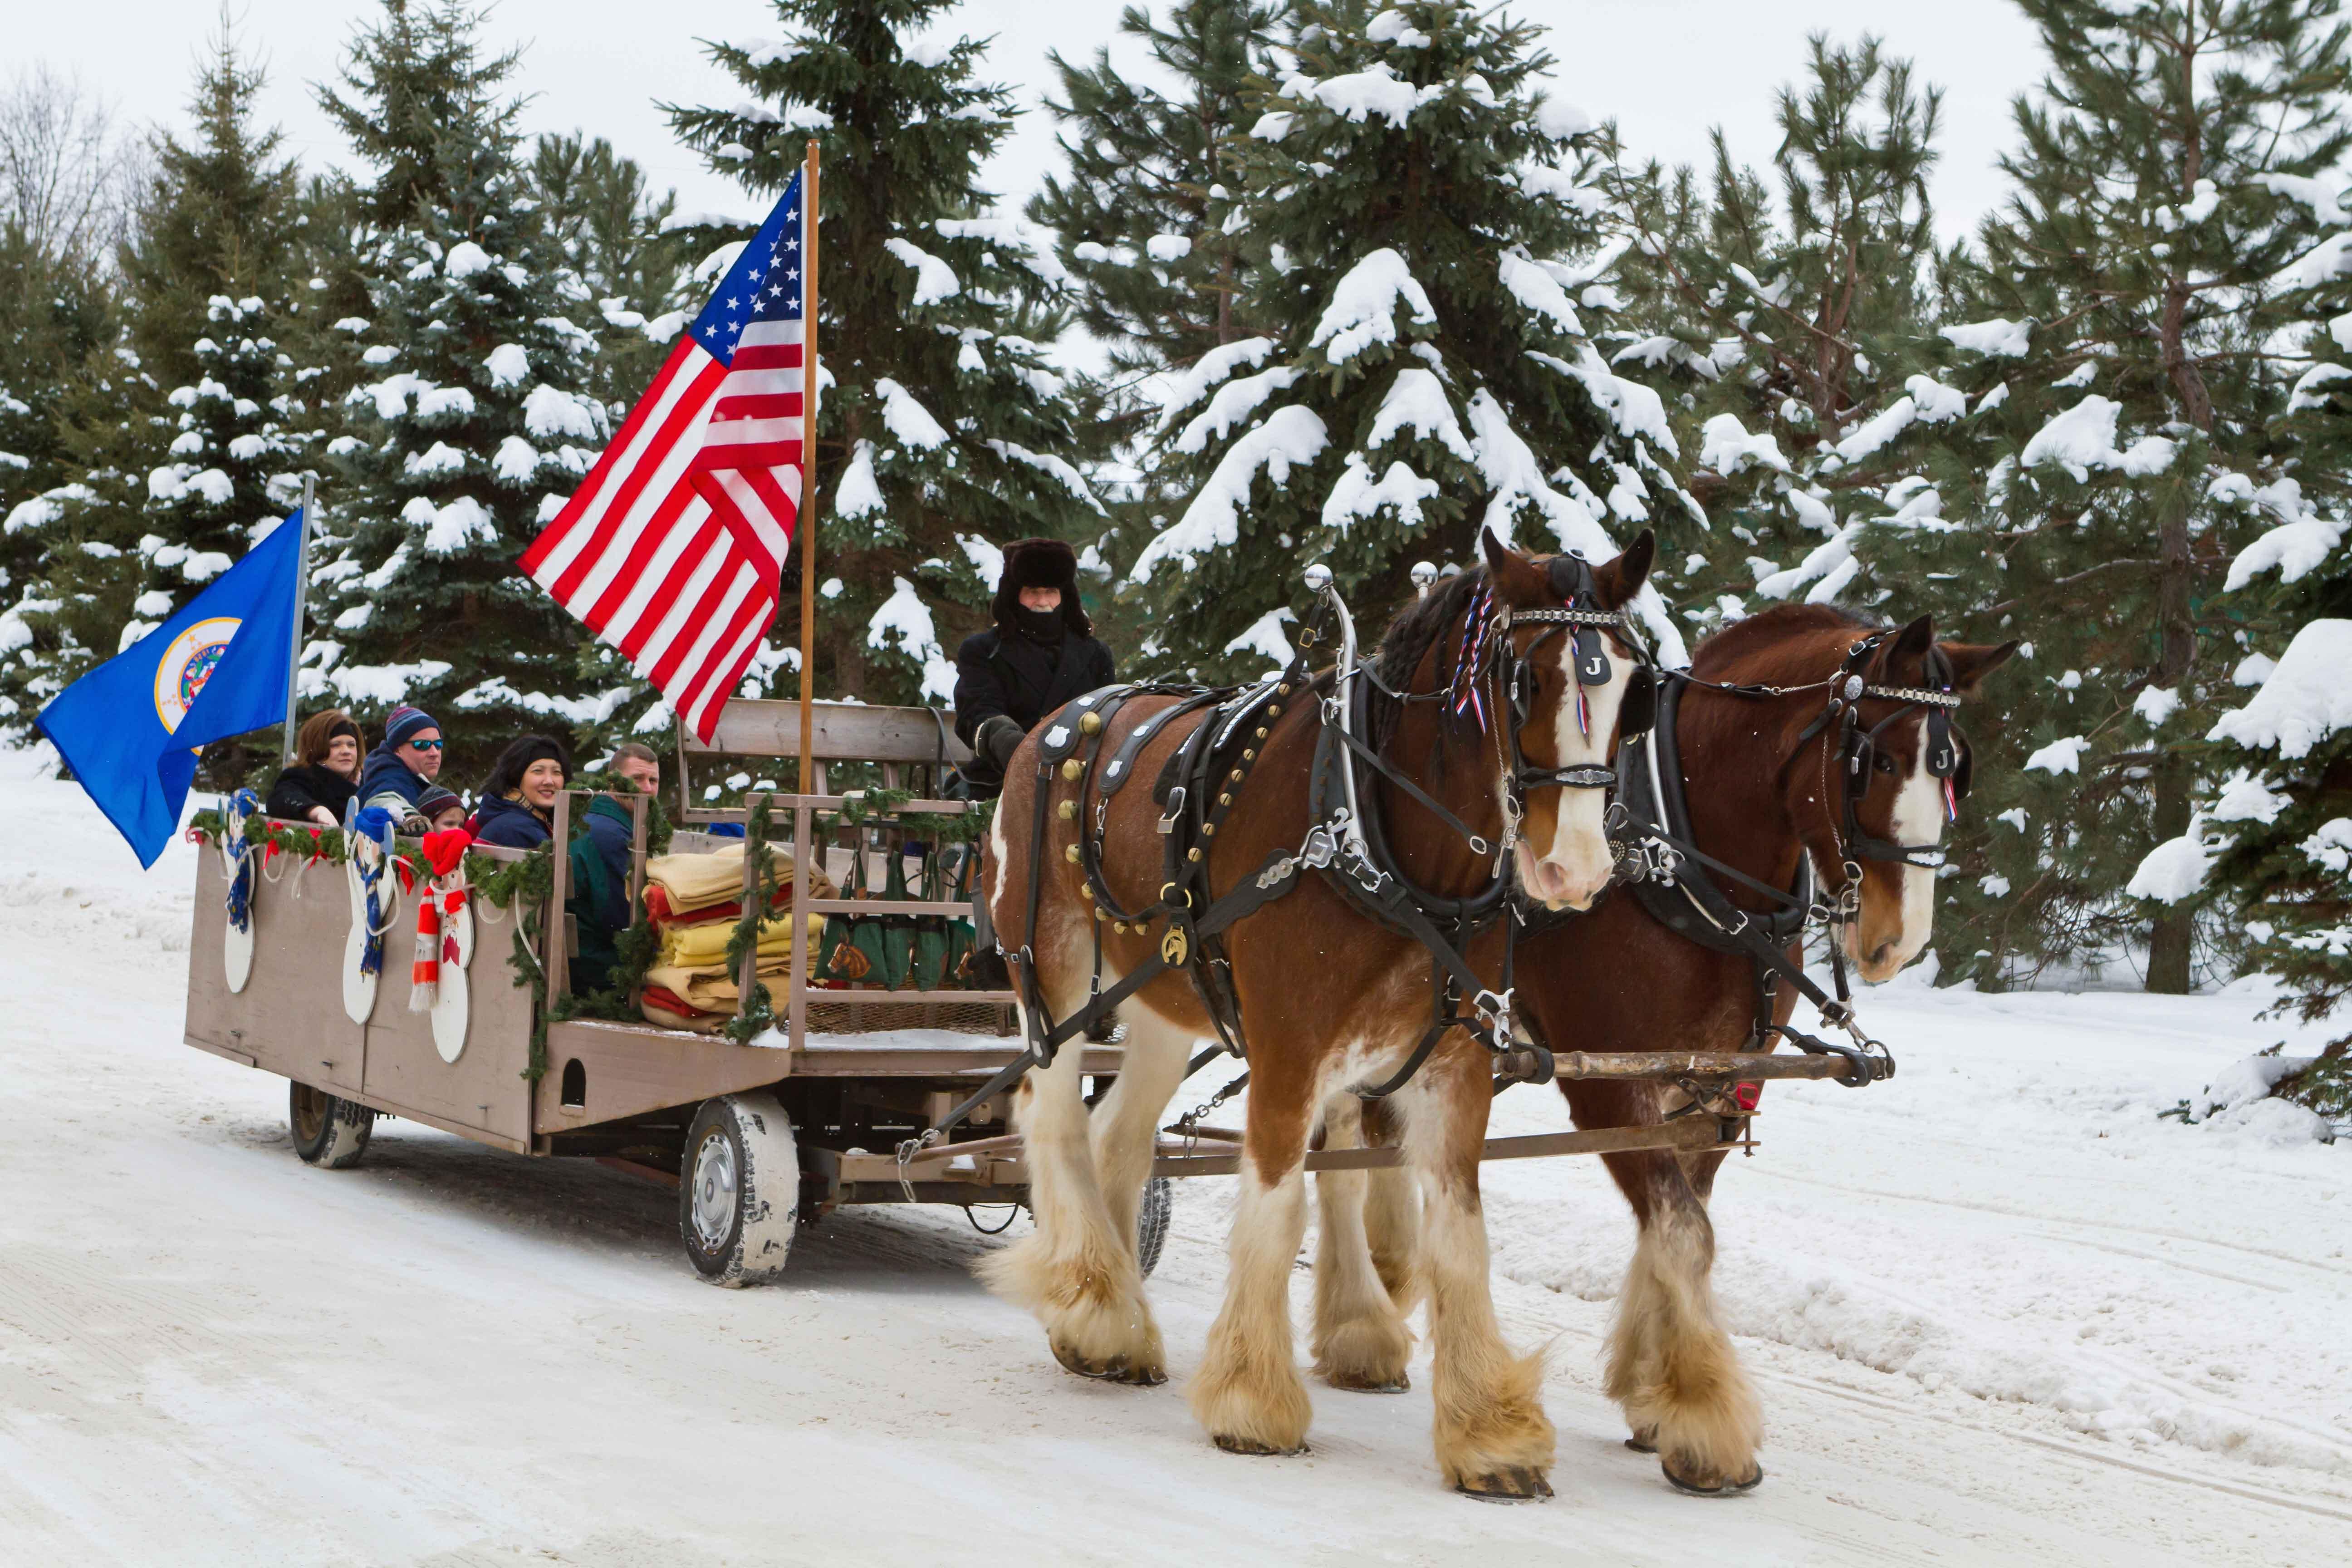 Horse drawn trolley rides in Brainerd